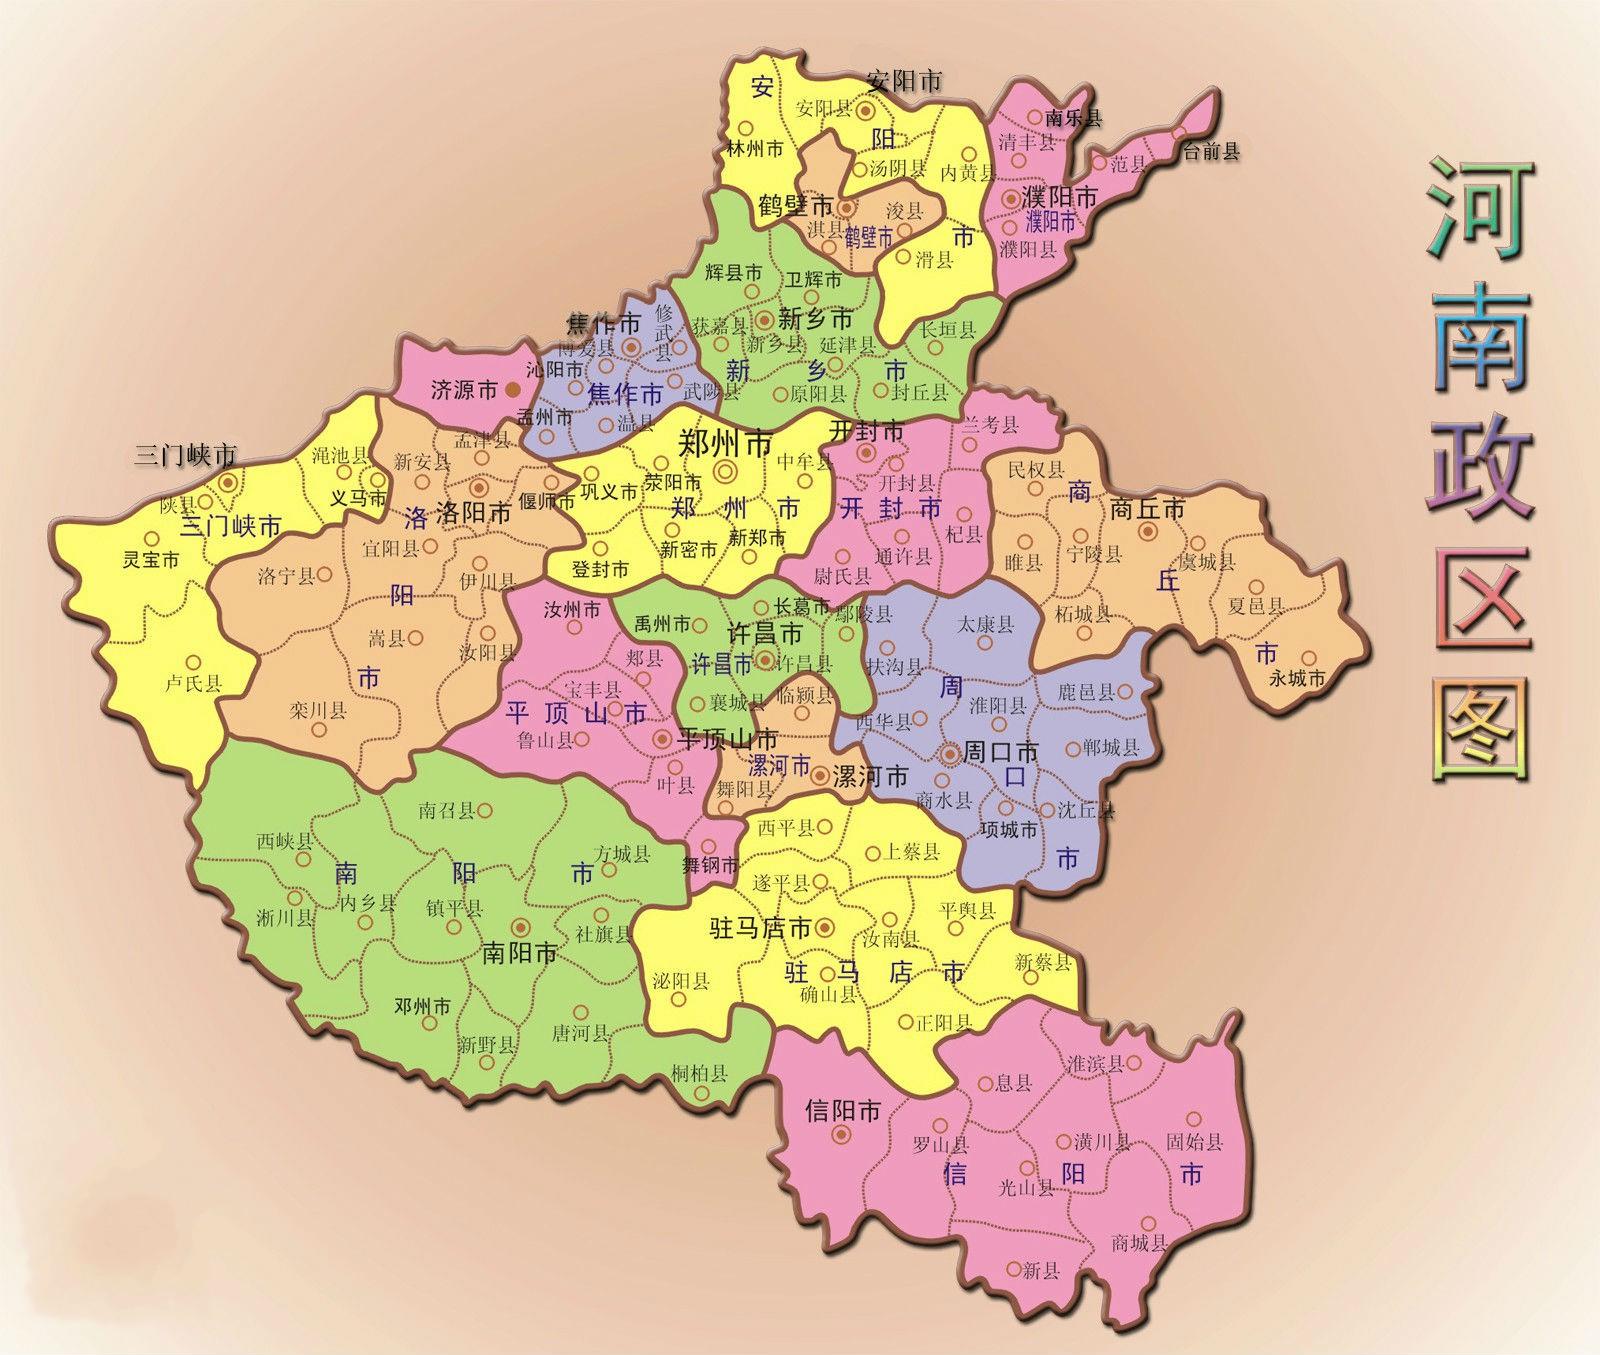 地图窝 中国地图 河南